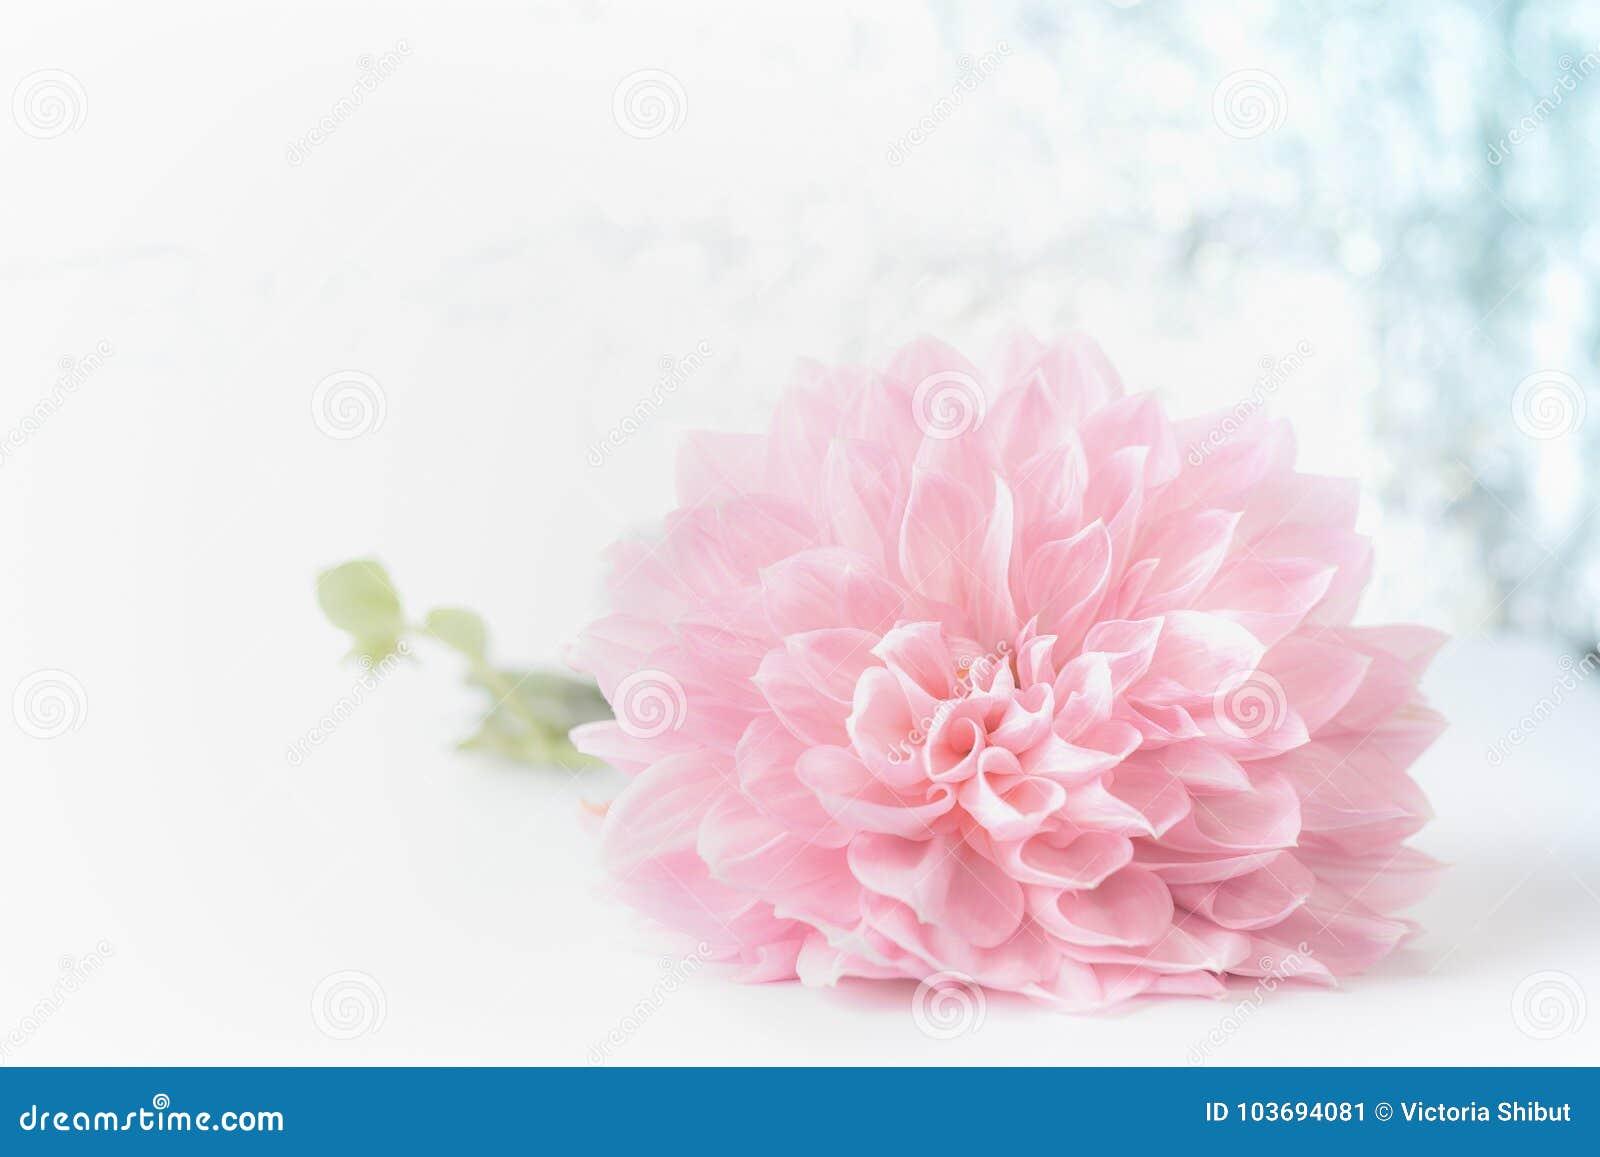 在bokeh背景,正面图的大美丽的桃红色苍白花 创造性的花卉贺卡为母亲节,婚礼,愉快的前夕